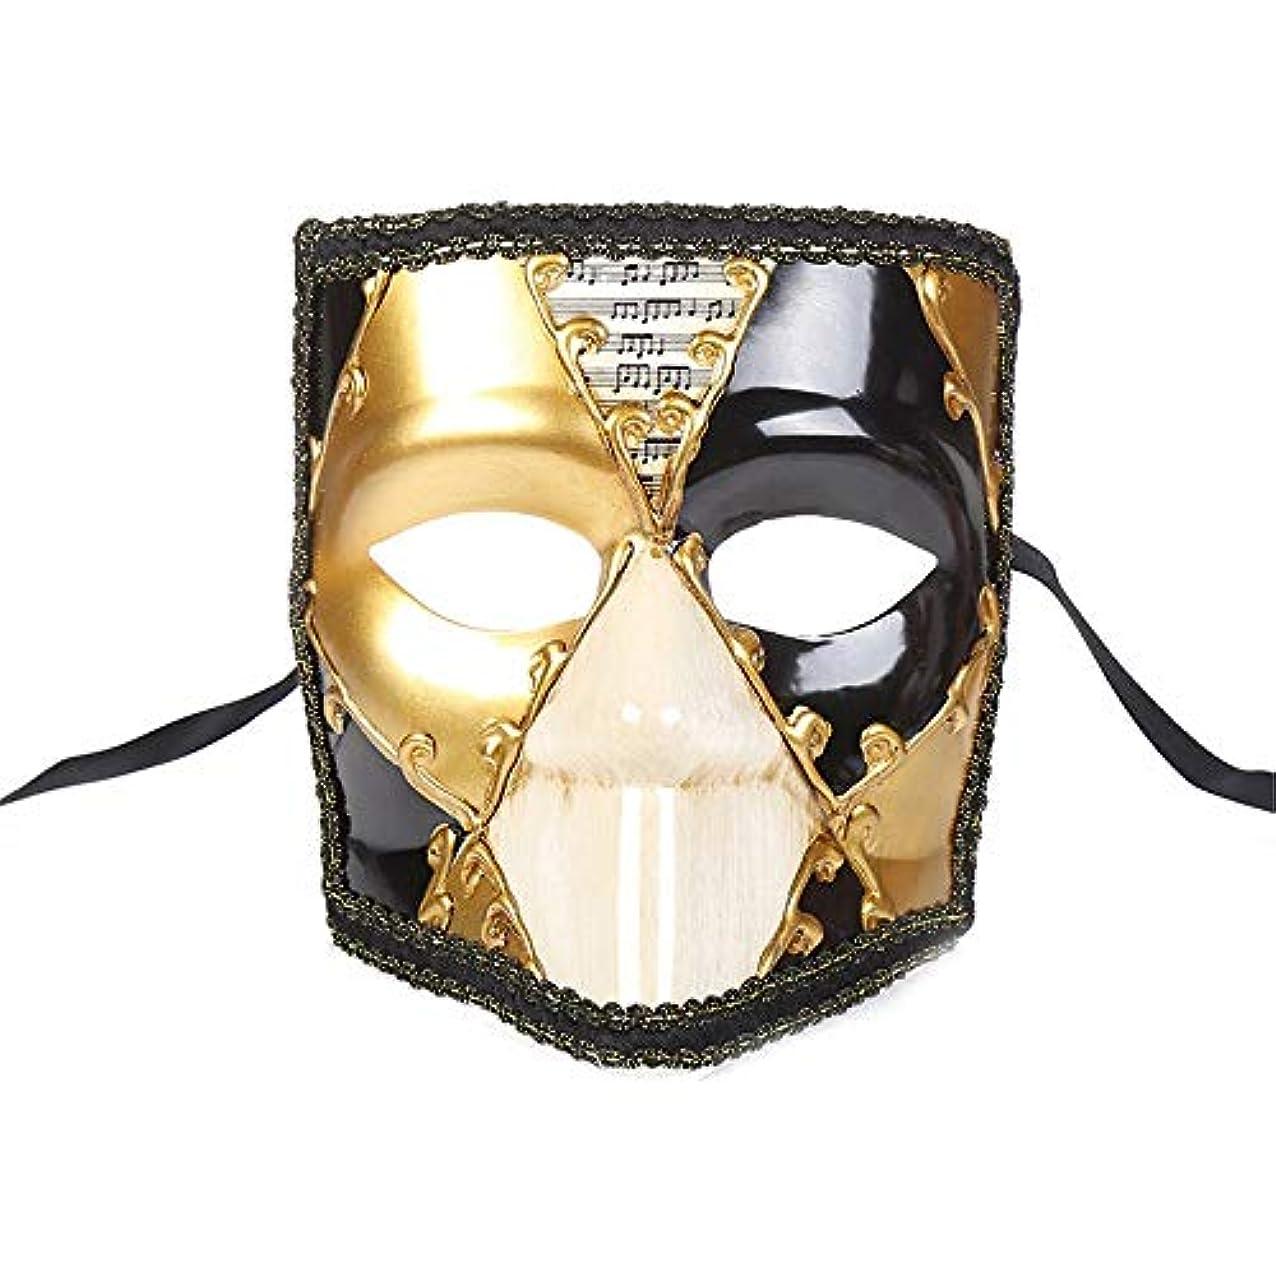 脅かすこねるテストダンスマスク ピエロマスクヴィンテージマスカレードショーデコレーションコスプレナイトクラブプラスチック厚いマスク パーティーマスク (色 : 黄, サイズ : 18x15cm)